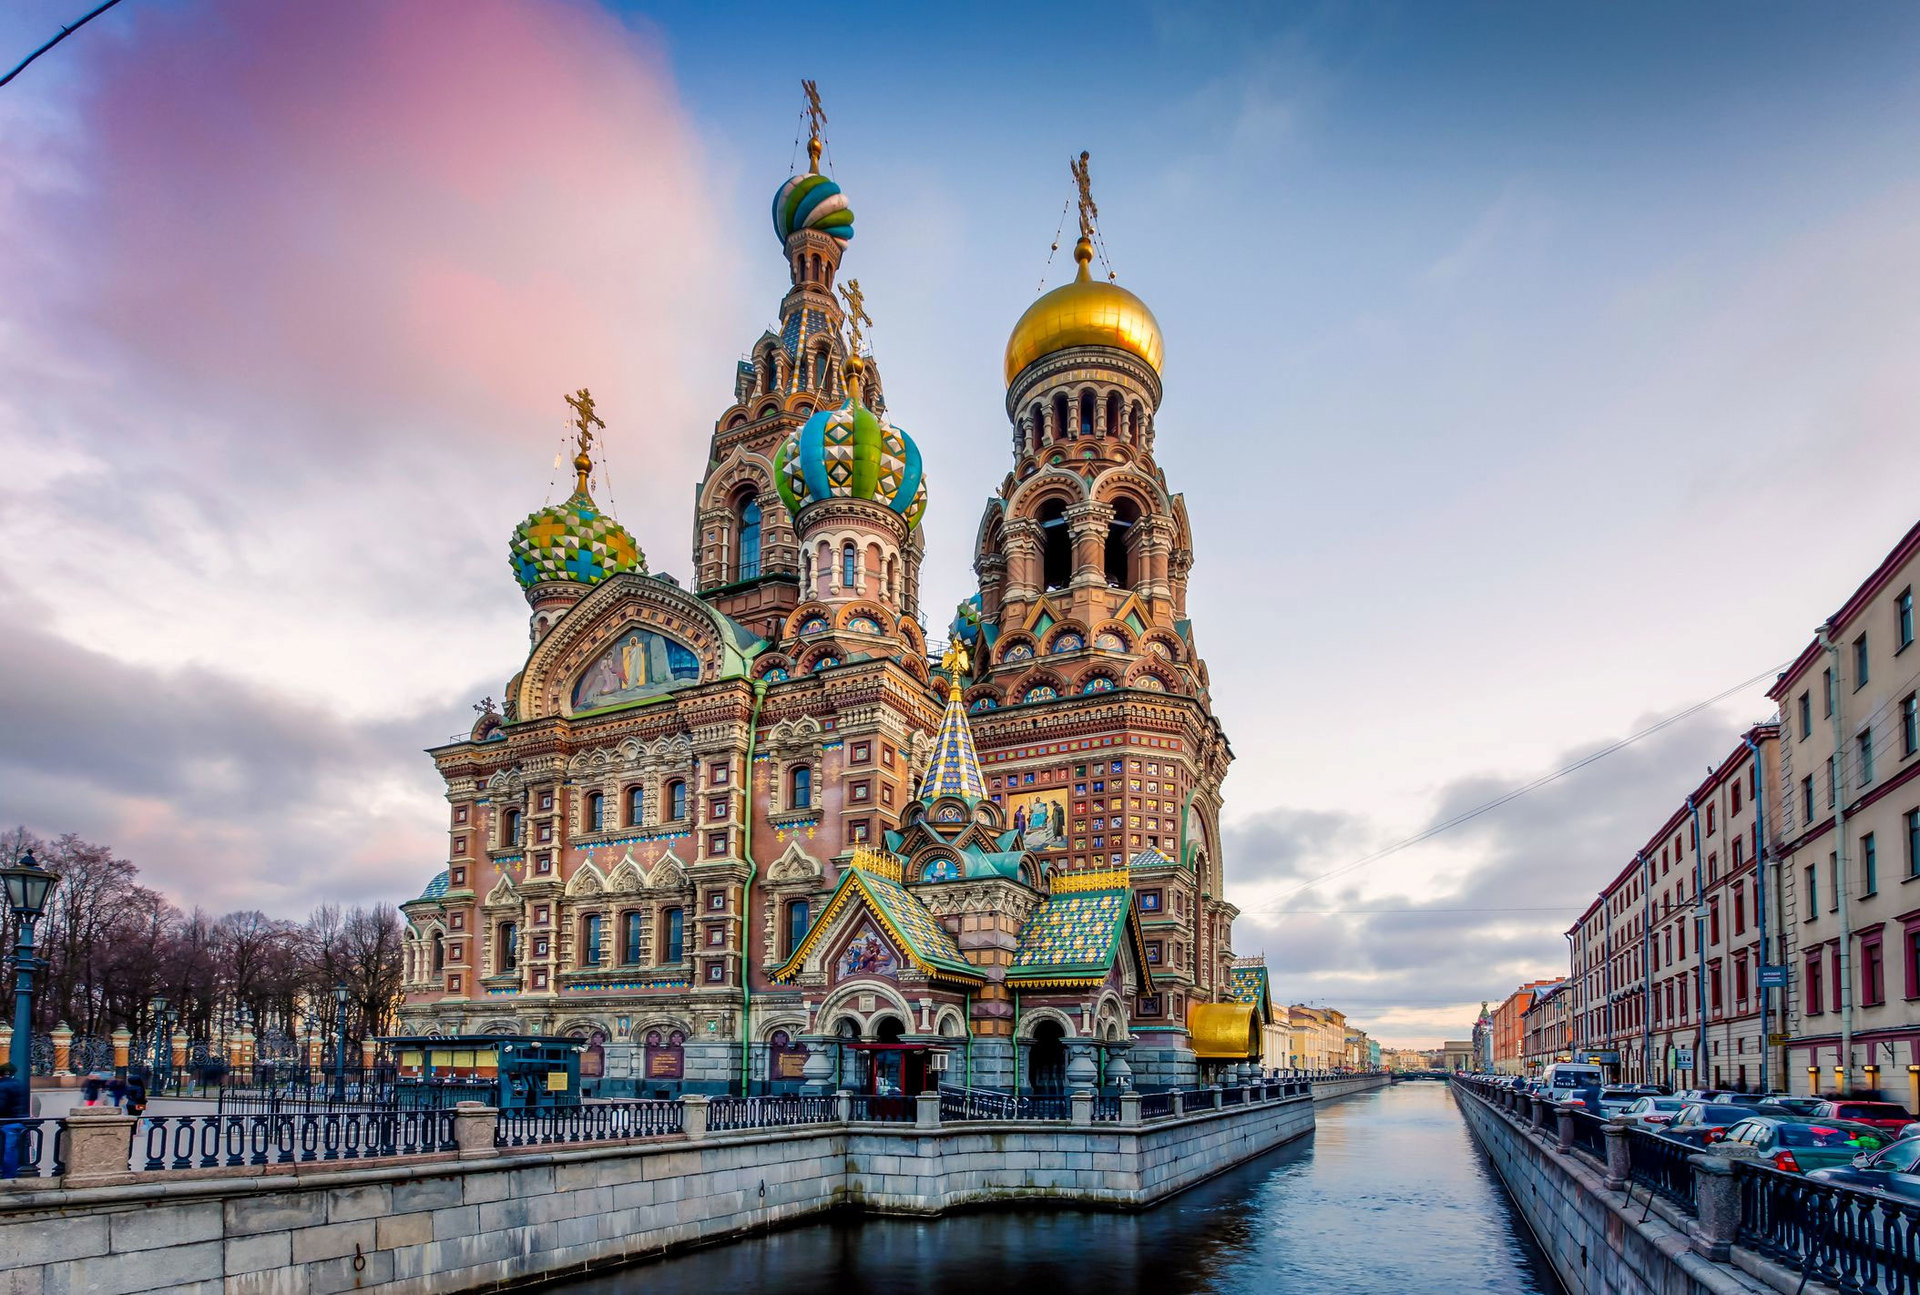 Moskva proleće 2021, avionom, grupni transfer, hotel 4*, izleti, garantovani  polazak 19.06.2021, 4 dana